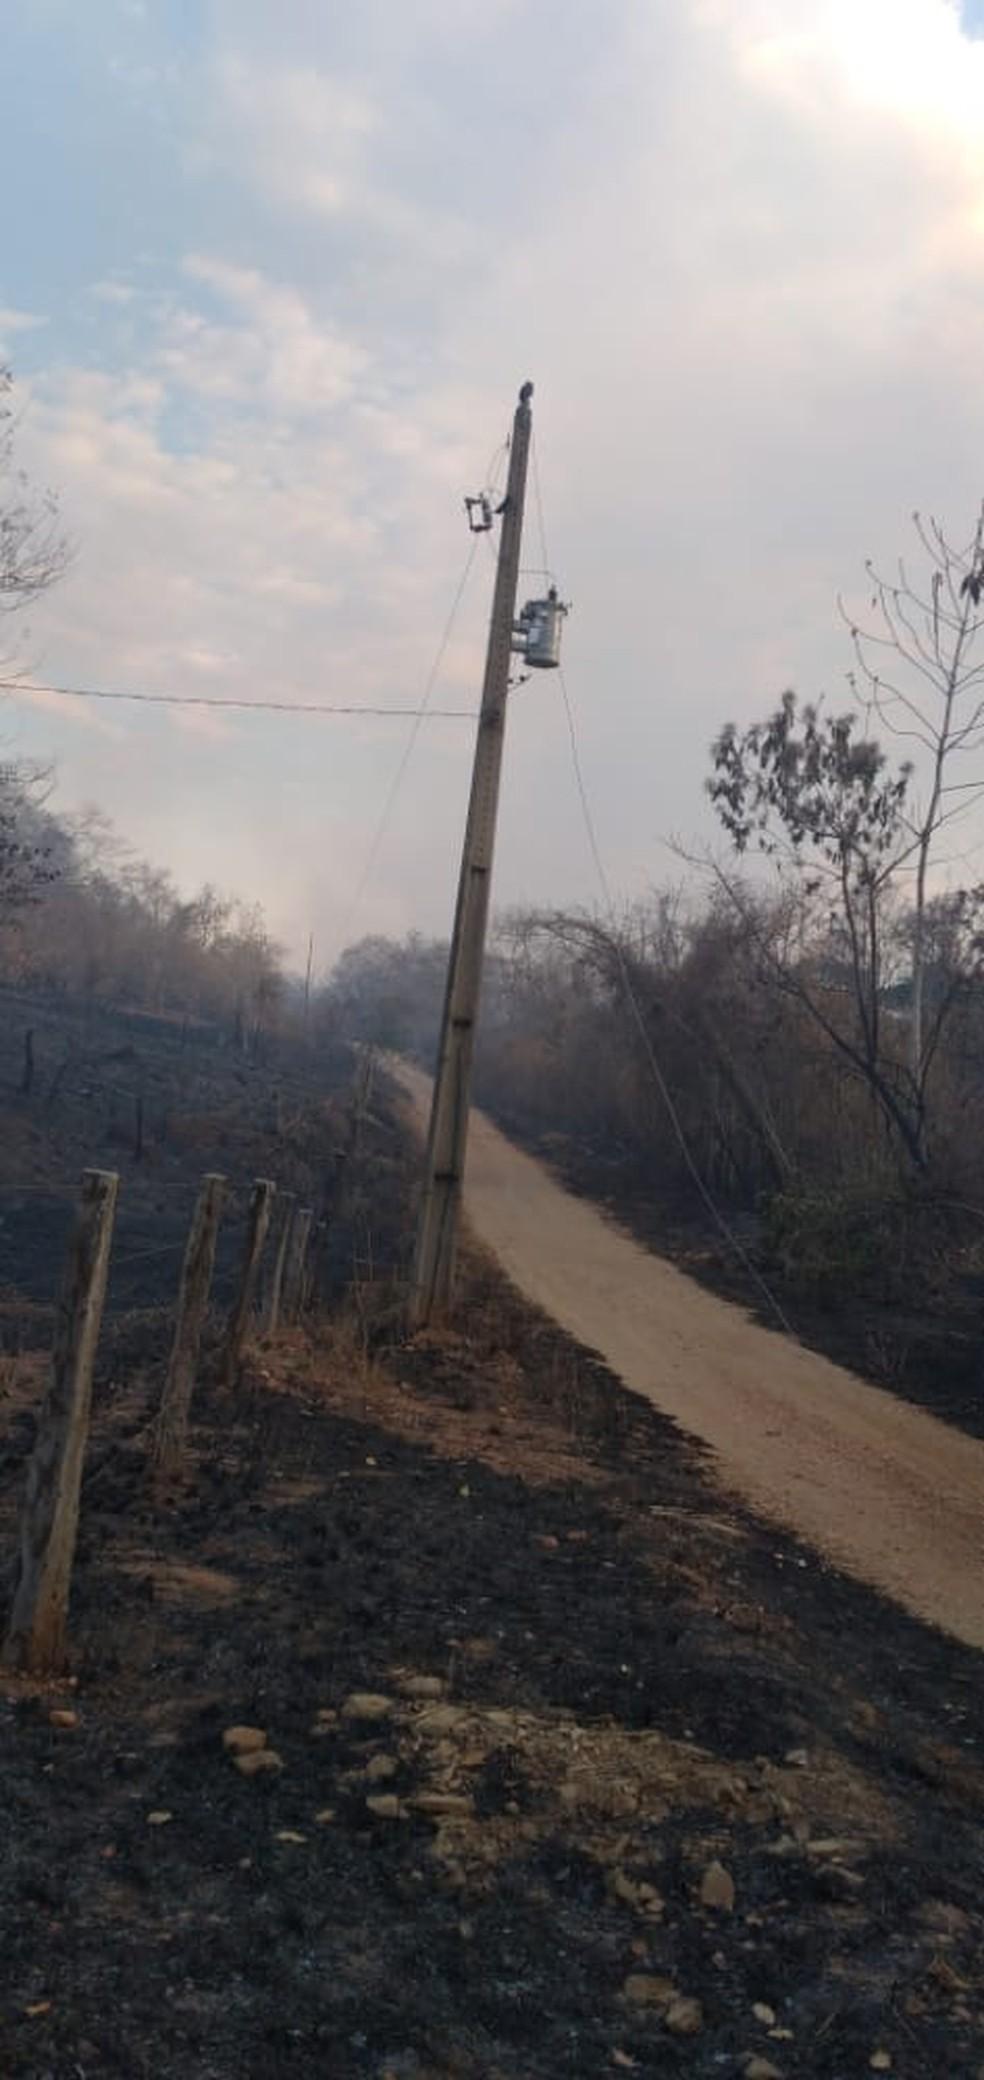 Árvore caiu sobre a fiação elétrica. — Foto: Energisa